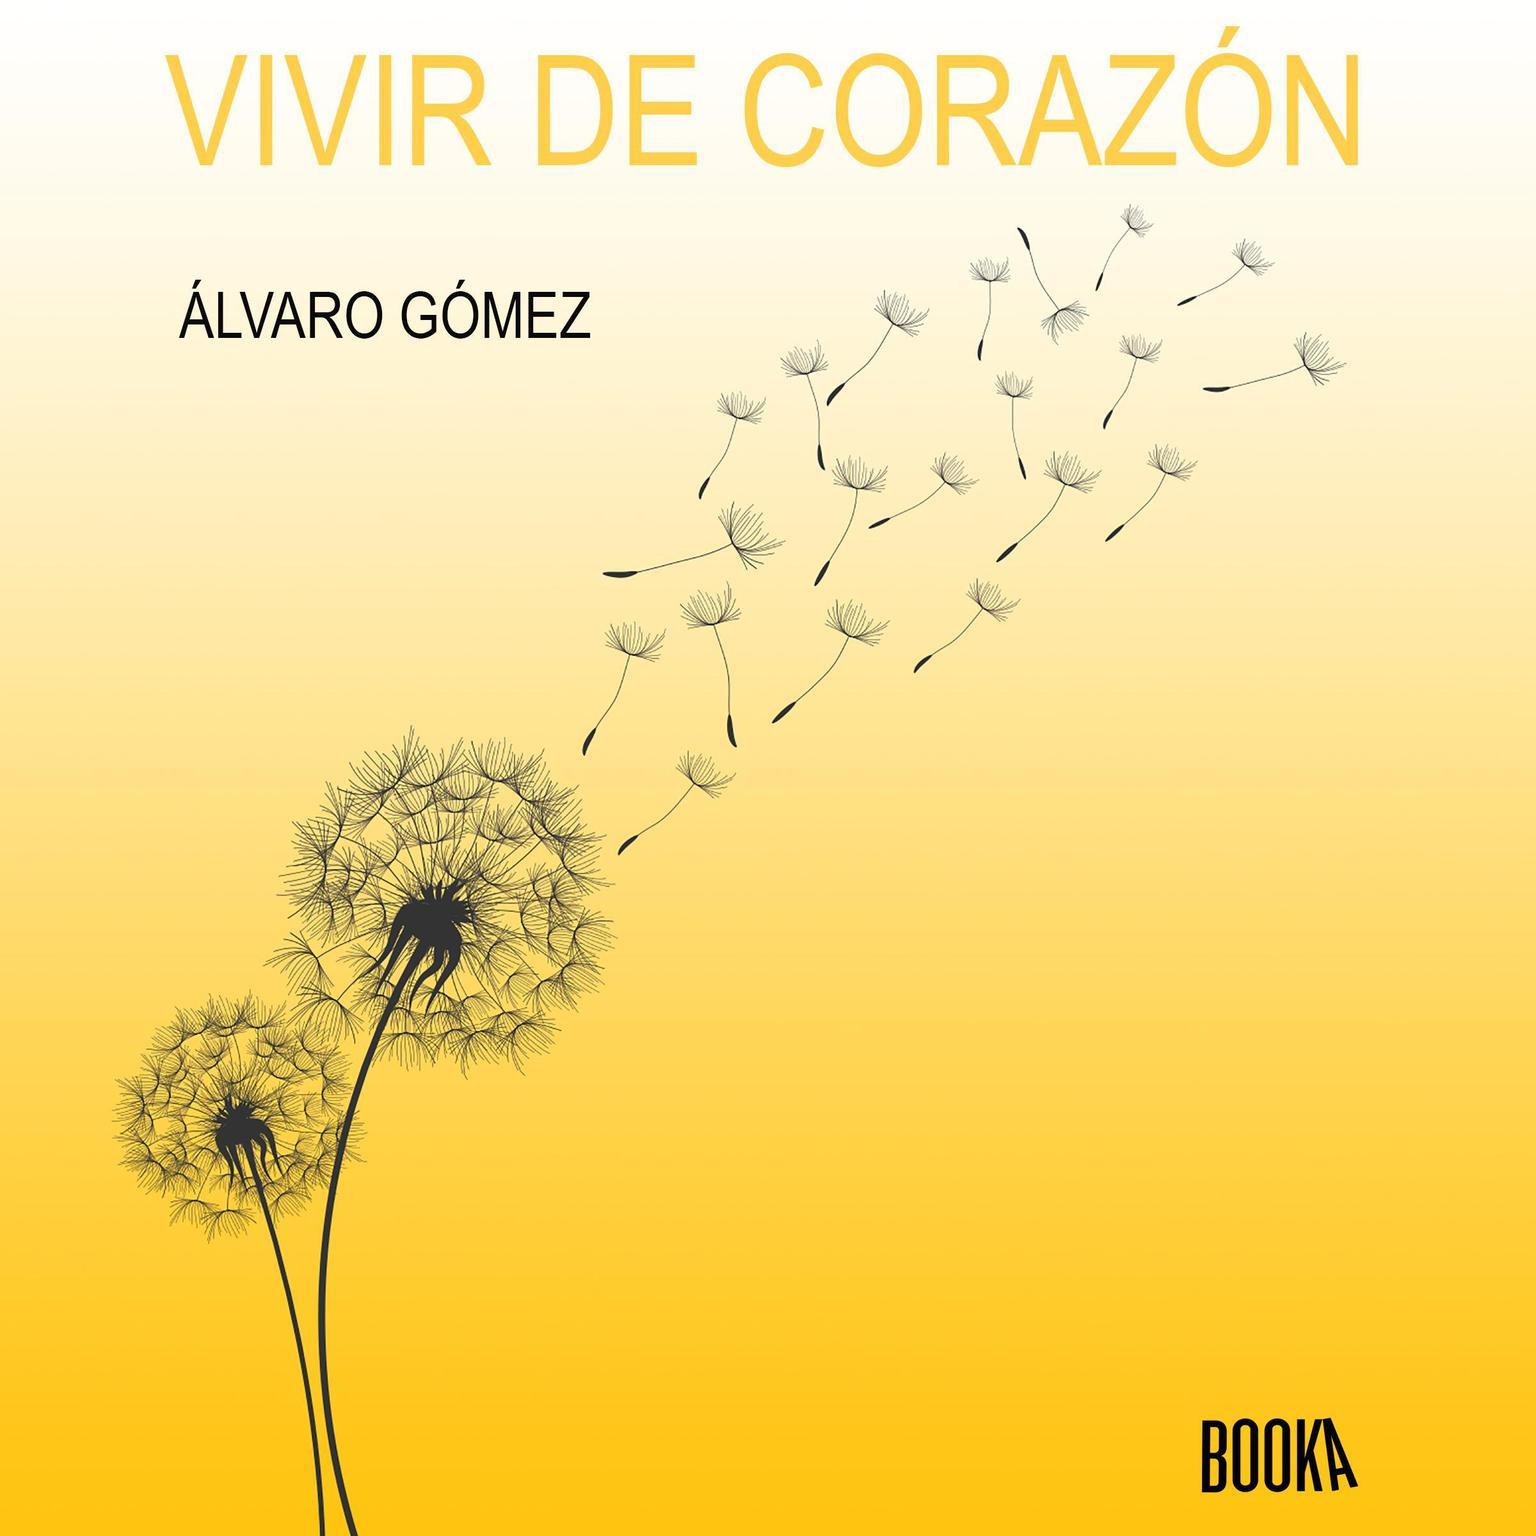 Vivir de corazon: Mindfulness para una generacion atonita Audiobook, by Alvaro Gomez